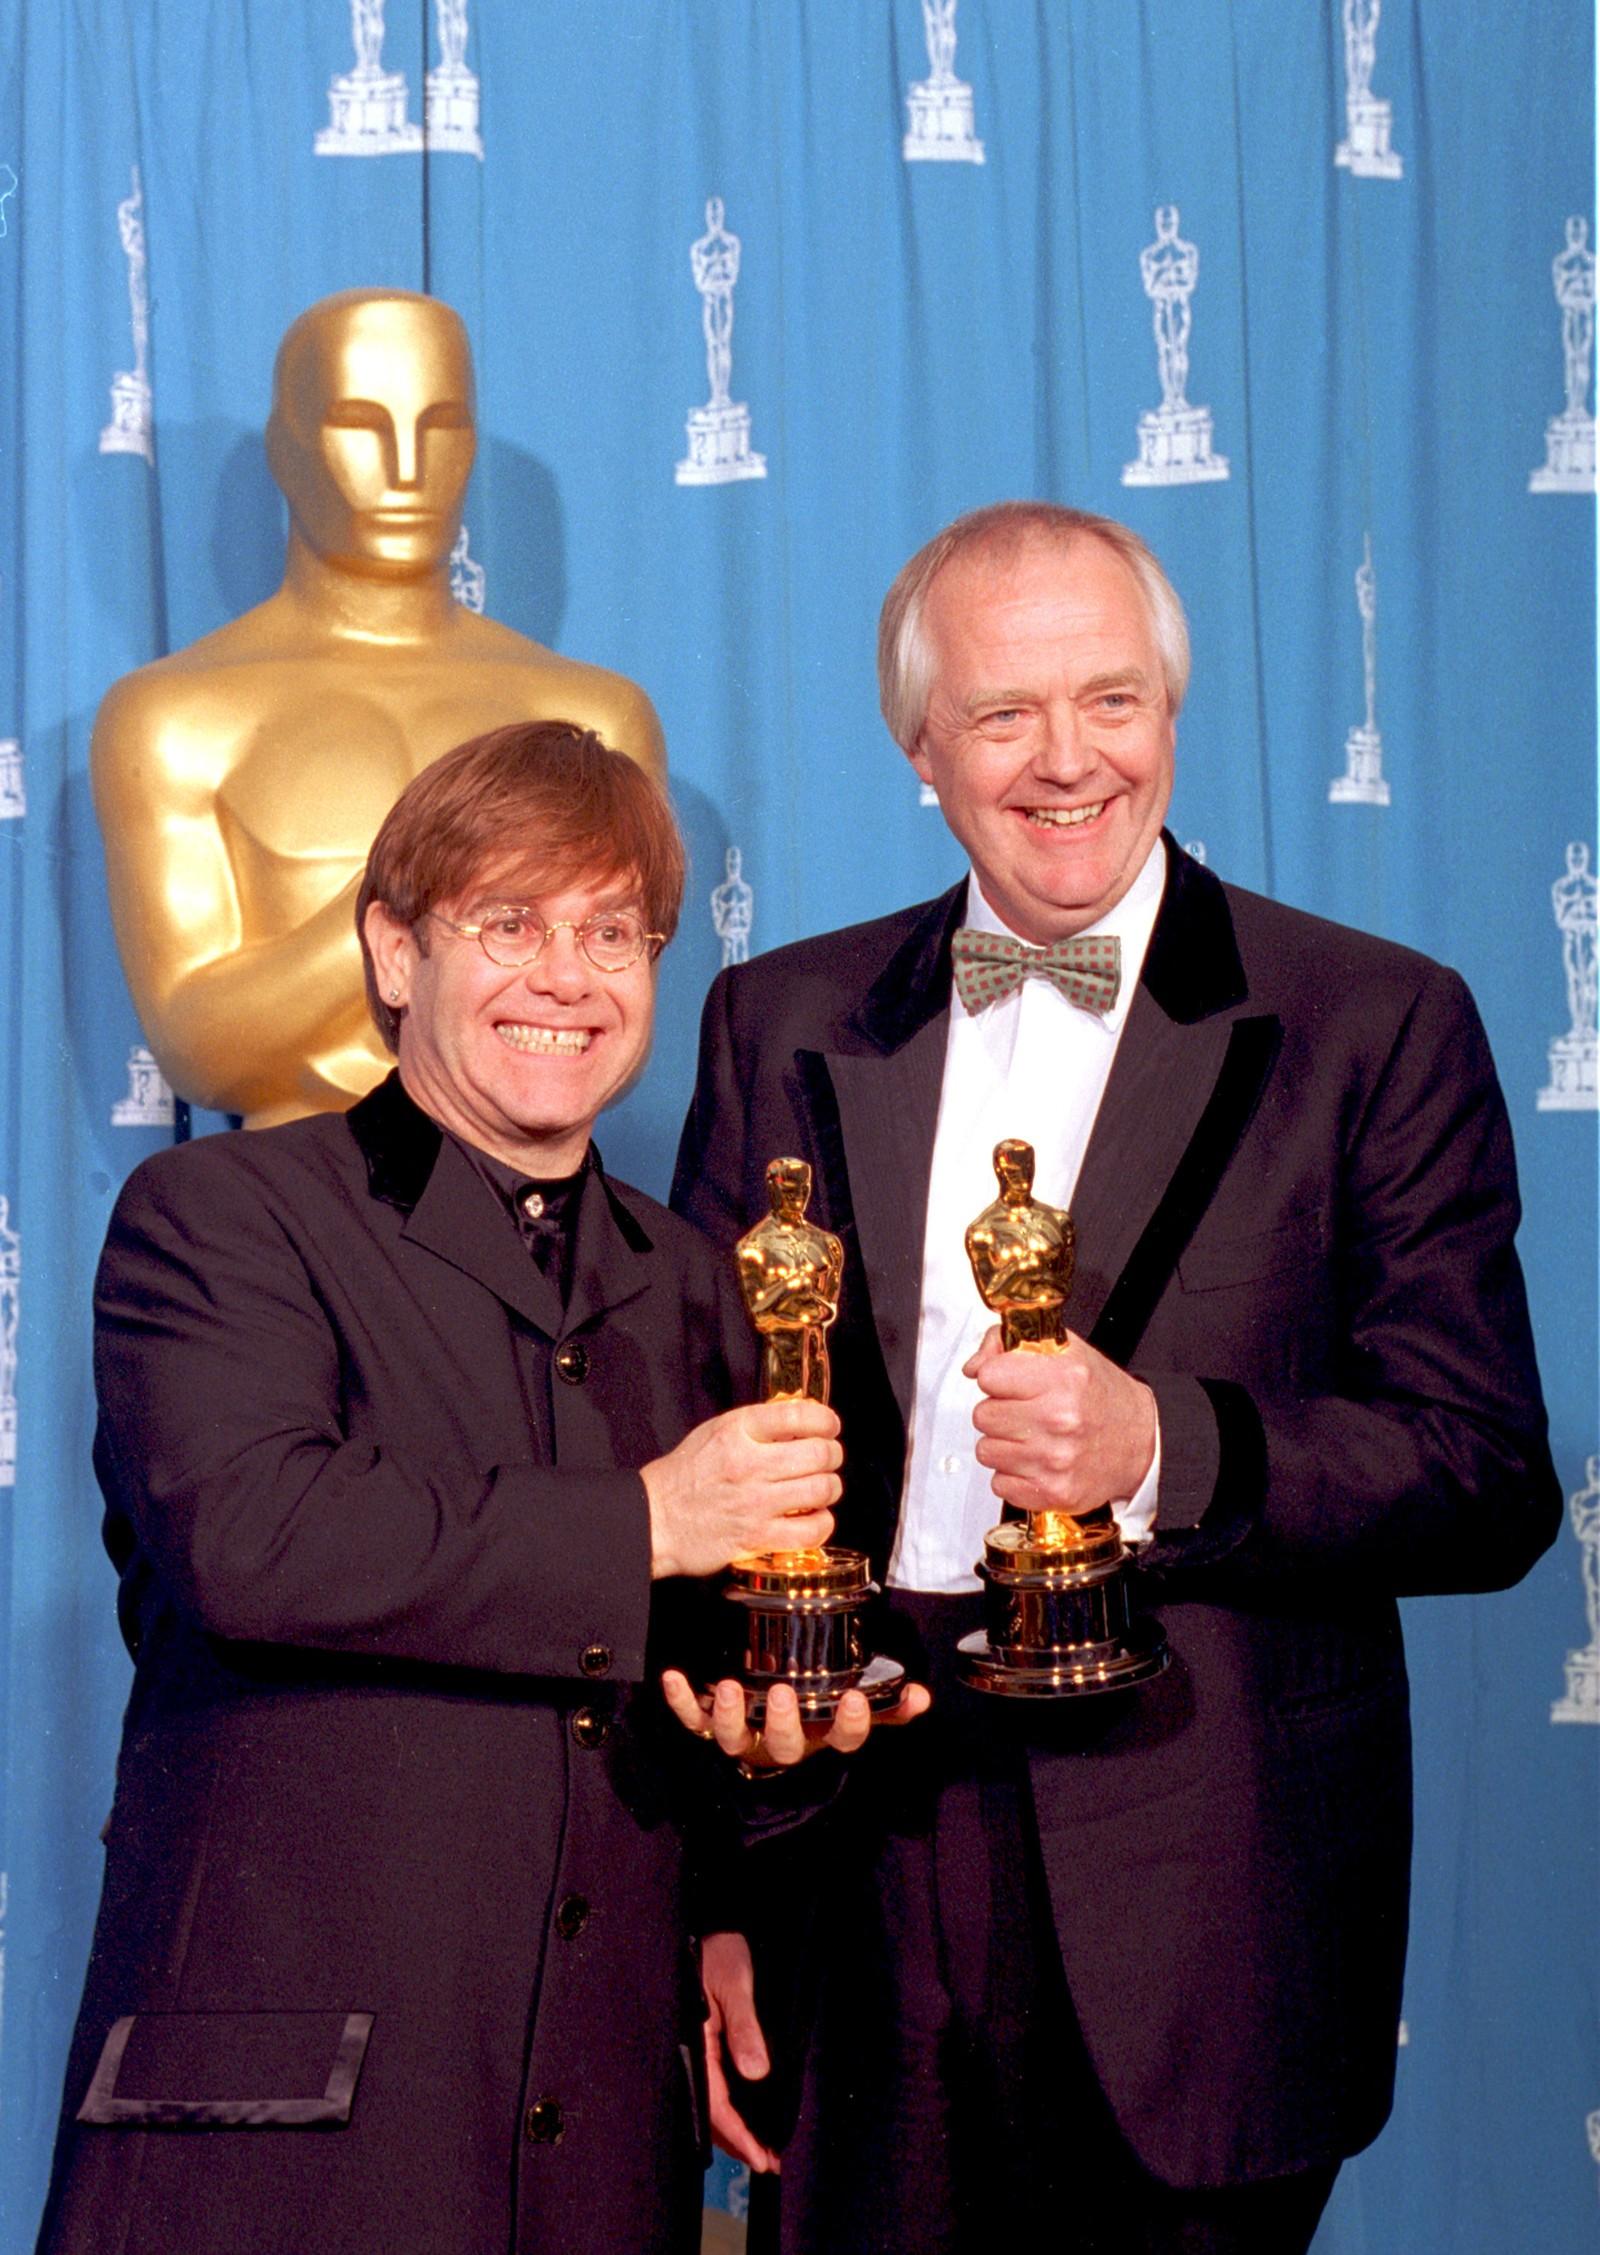 1995: Med Oscar-statuettar for beste musikk og beste tekst poserer Elton John og Tim Rice i Los Angeles.